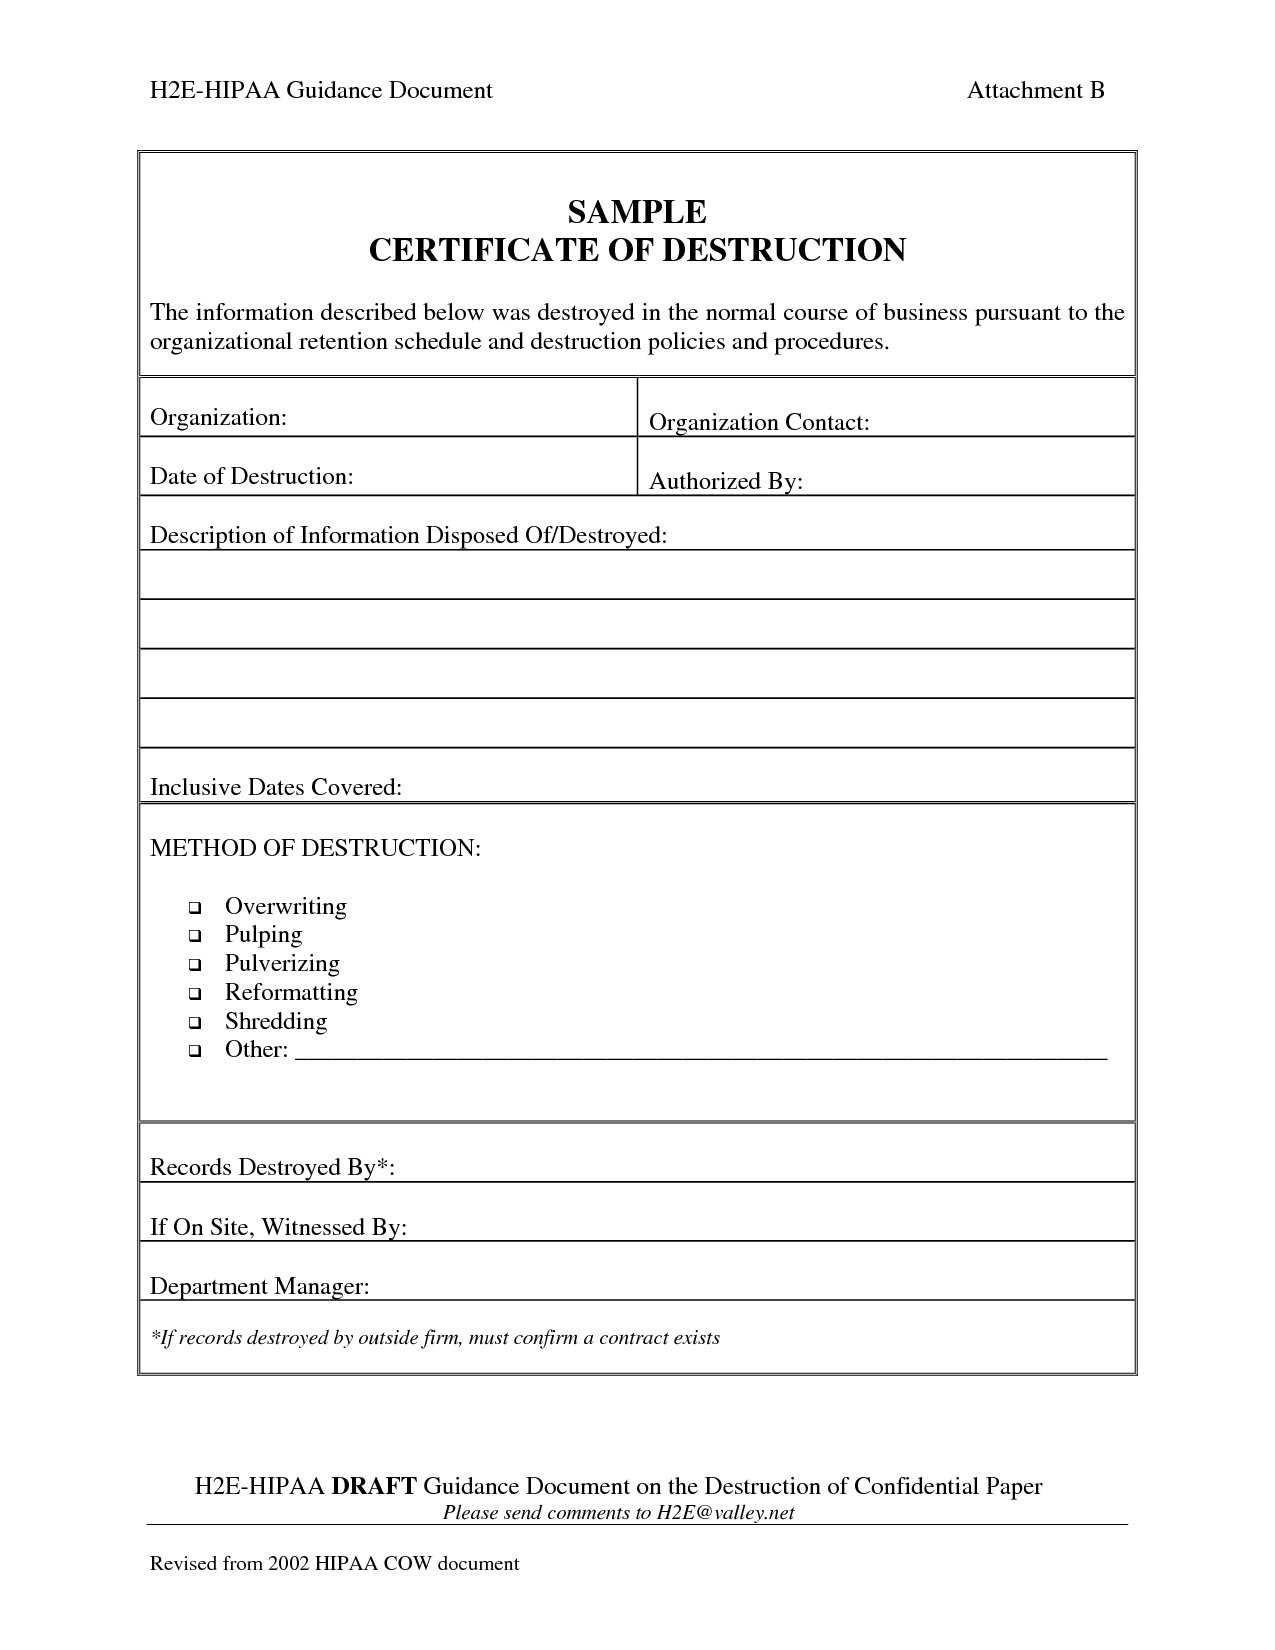 Template Ideas Certificate Of Destruction Frightening Product With Free Certificate Of Destruction Template